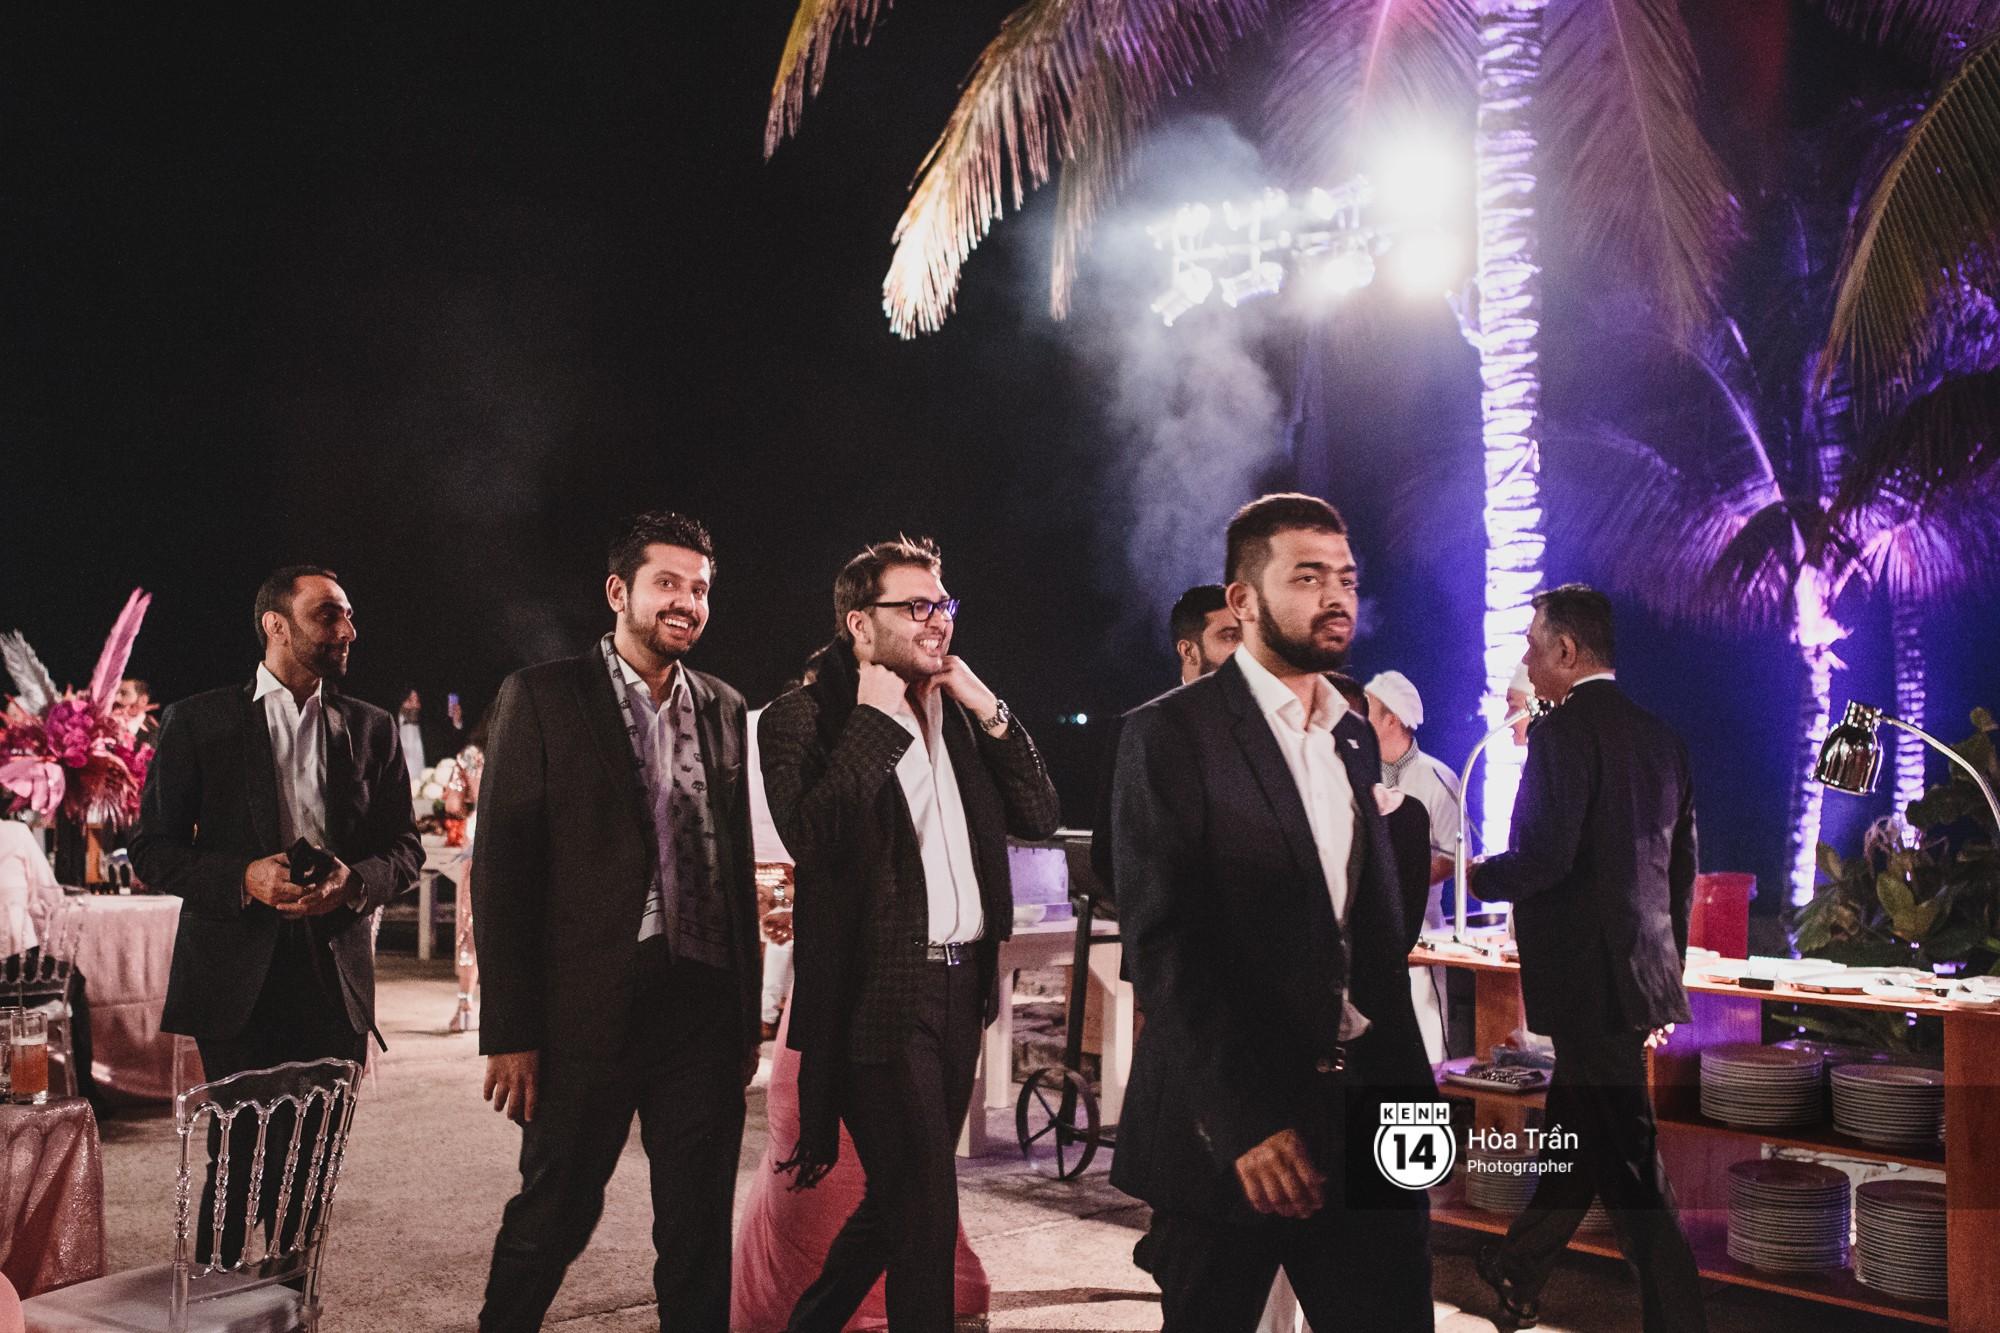 Cặp đôi tỷ phú Ấn Độ lộng lẫy cùng các khách mời đại gia vào đêm tiệc Pink Party đầu tiên ở Phú Quốc - Ảnh 10.